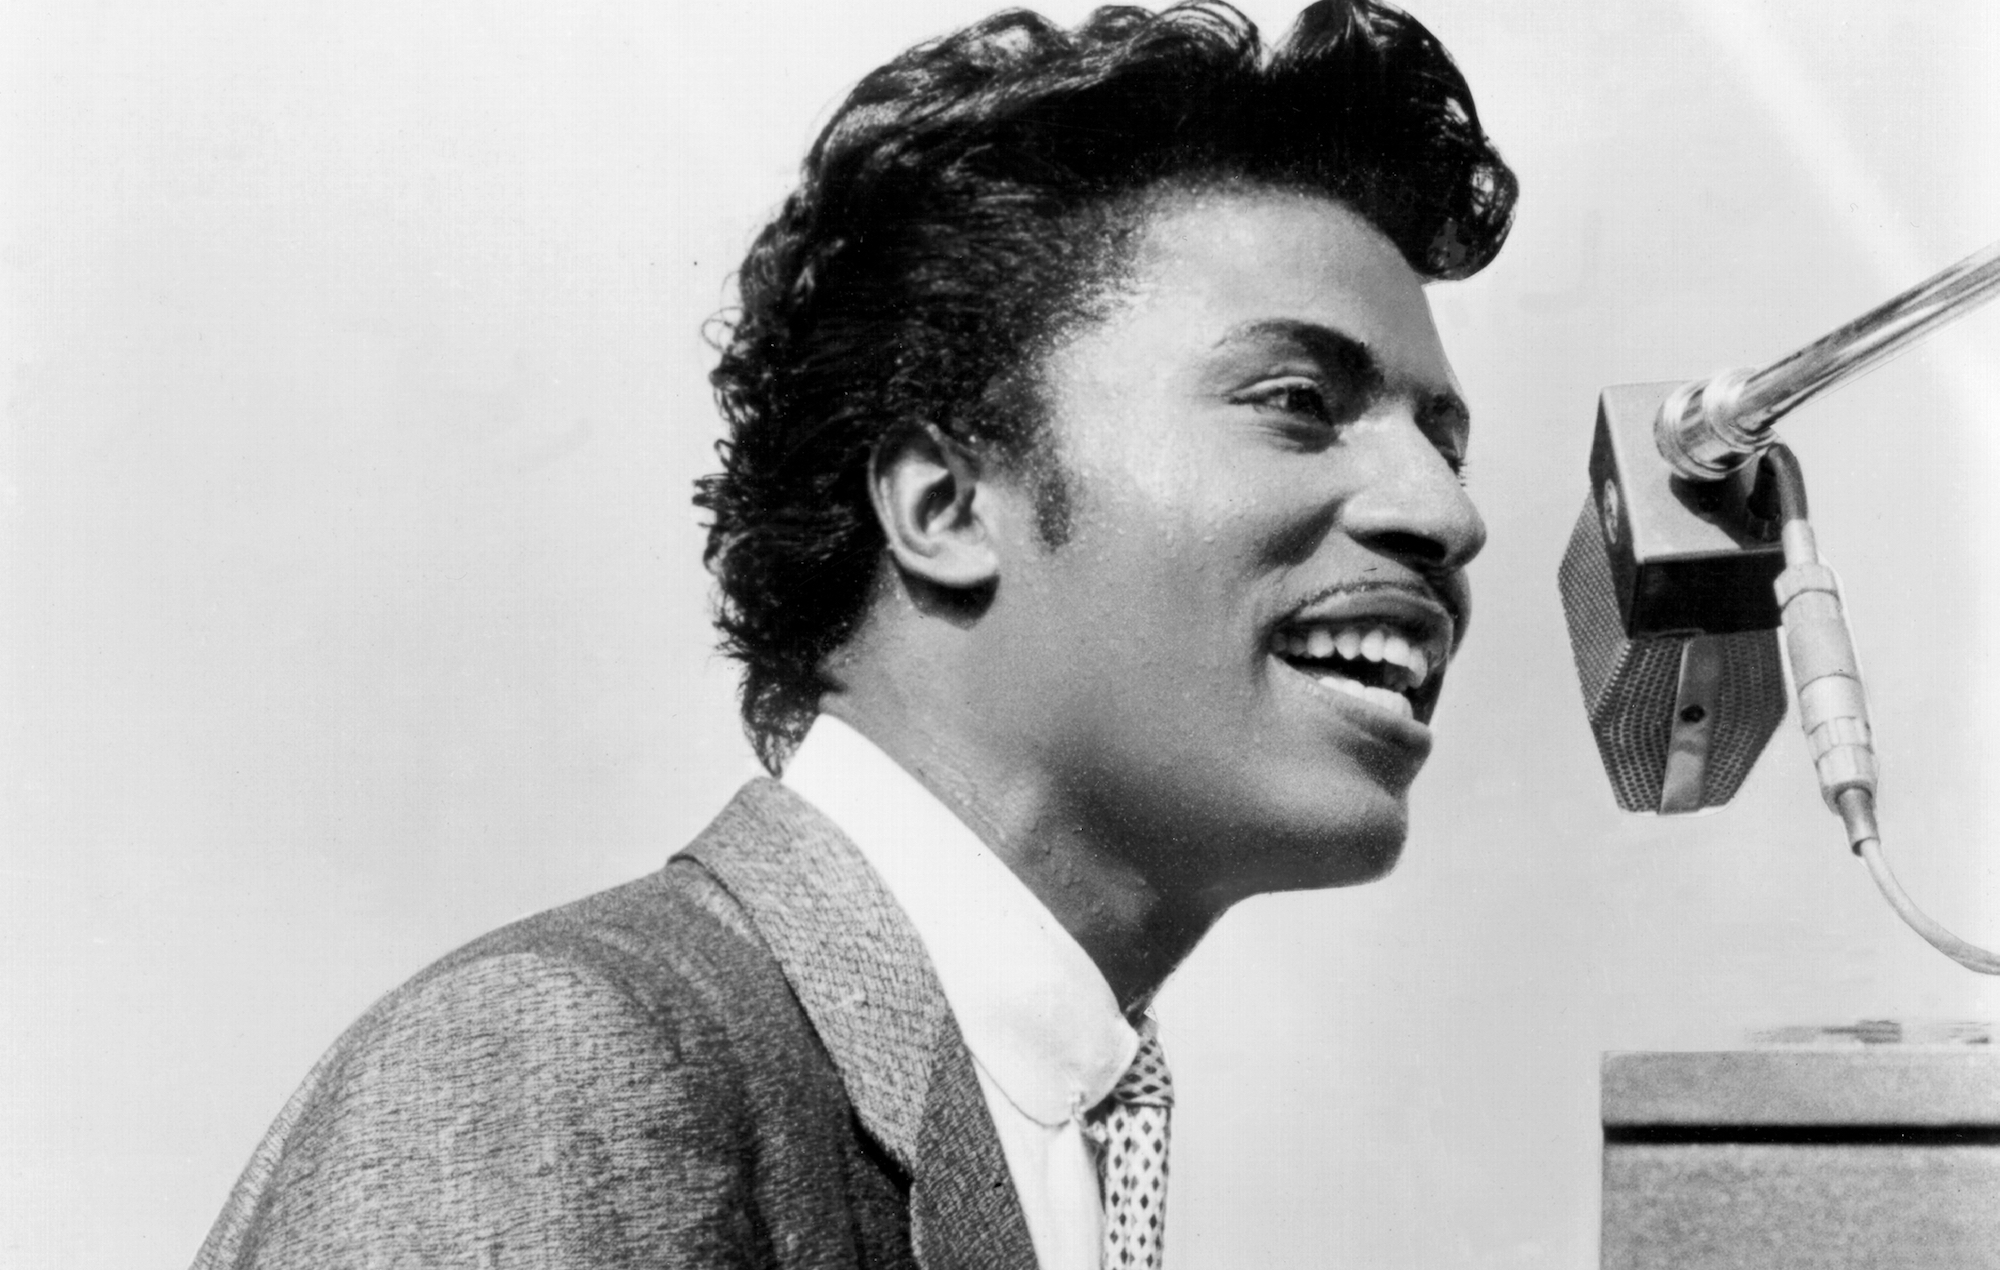 Little Richard - cover